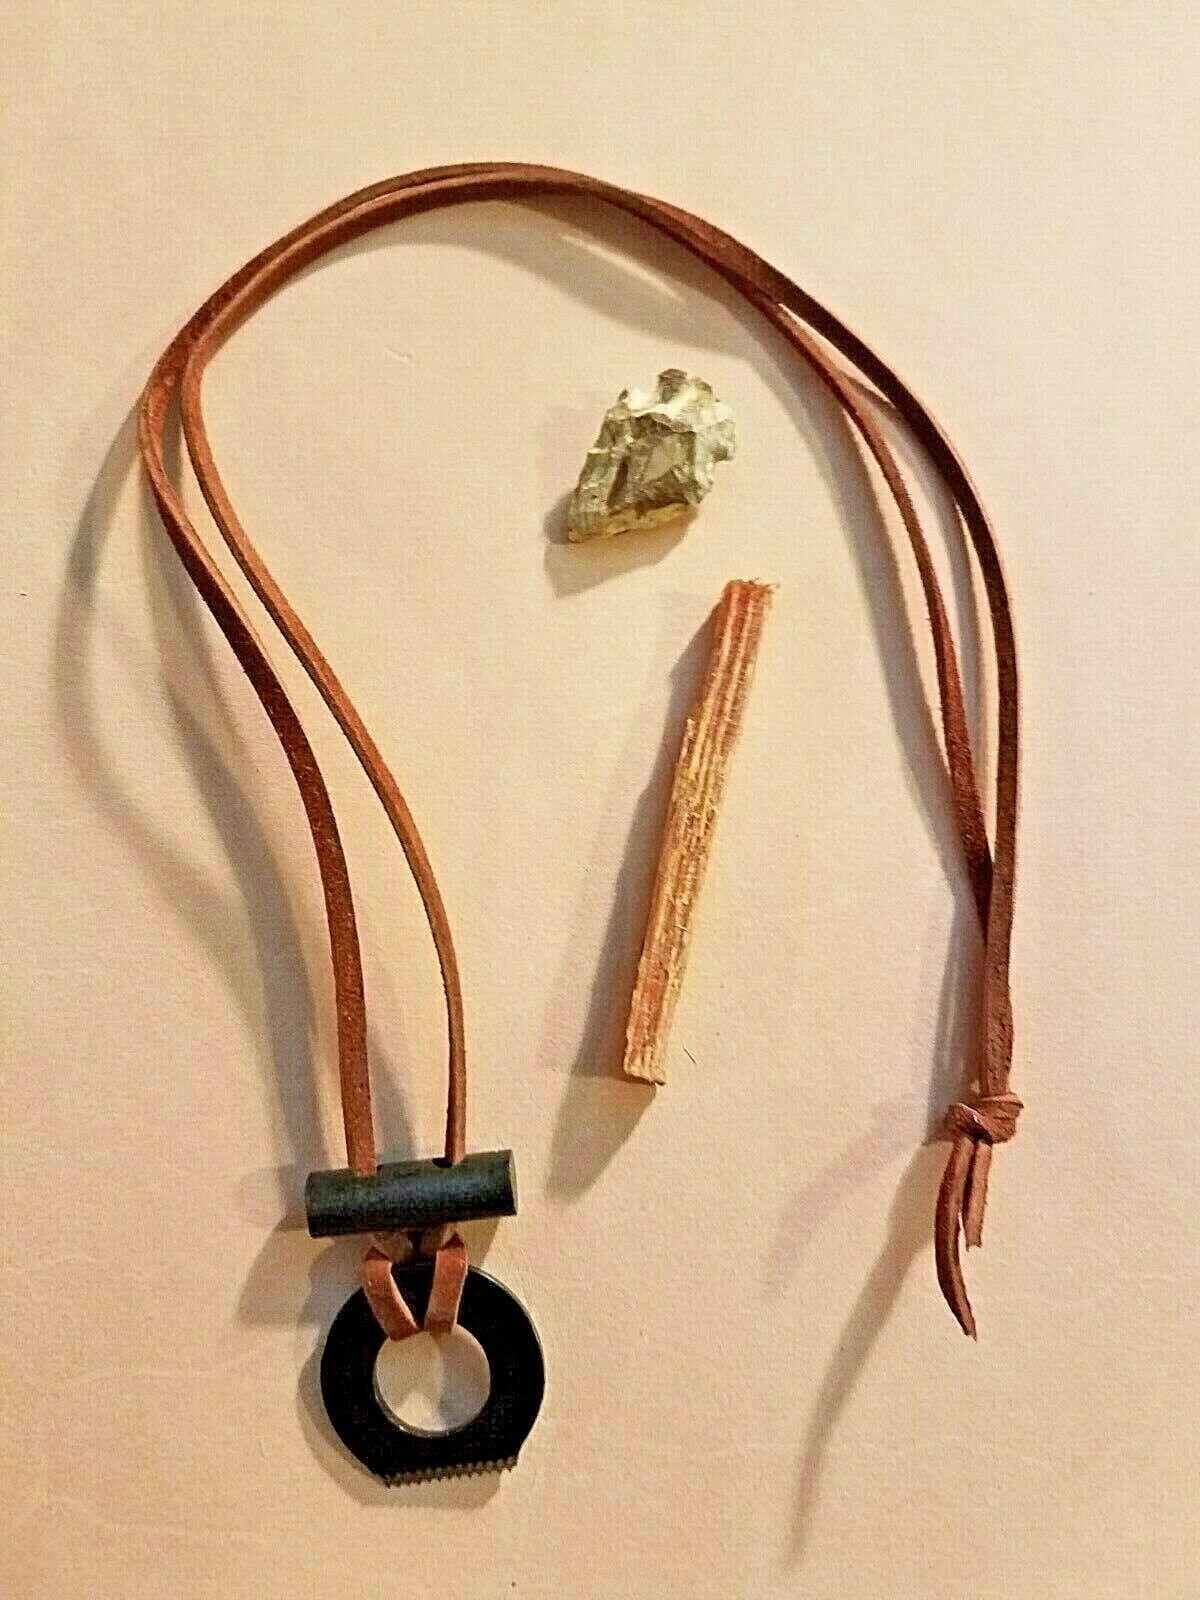 Firesteel Ferro Rod Fire Starter Survival Necklace - Fat Woo